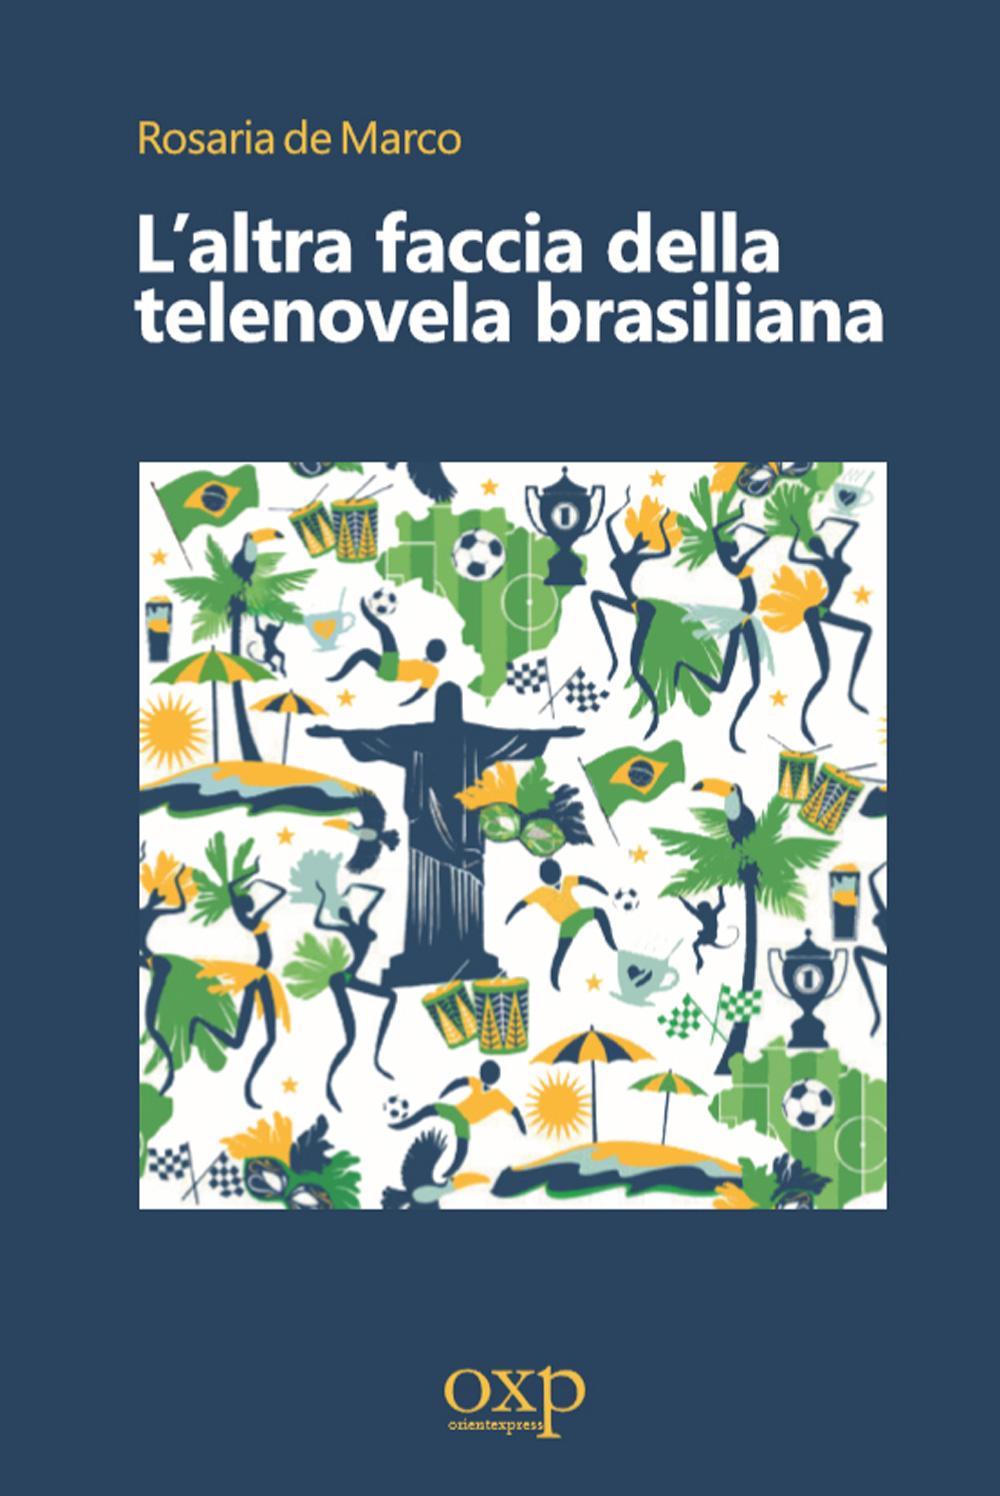 L'altra faccia della telenovela brasiliana, di Rosariade Marco (Fuori Collana, 2018)